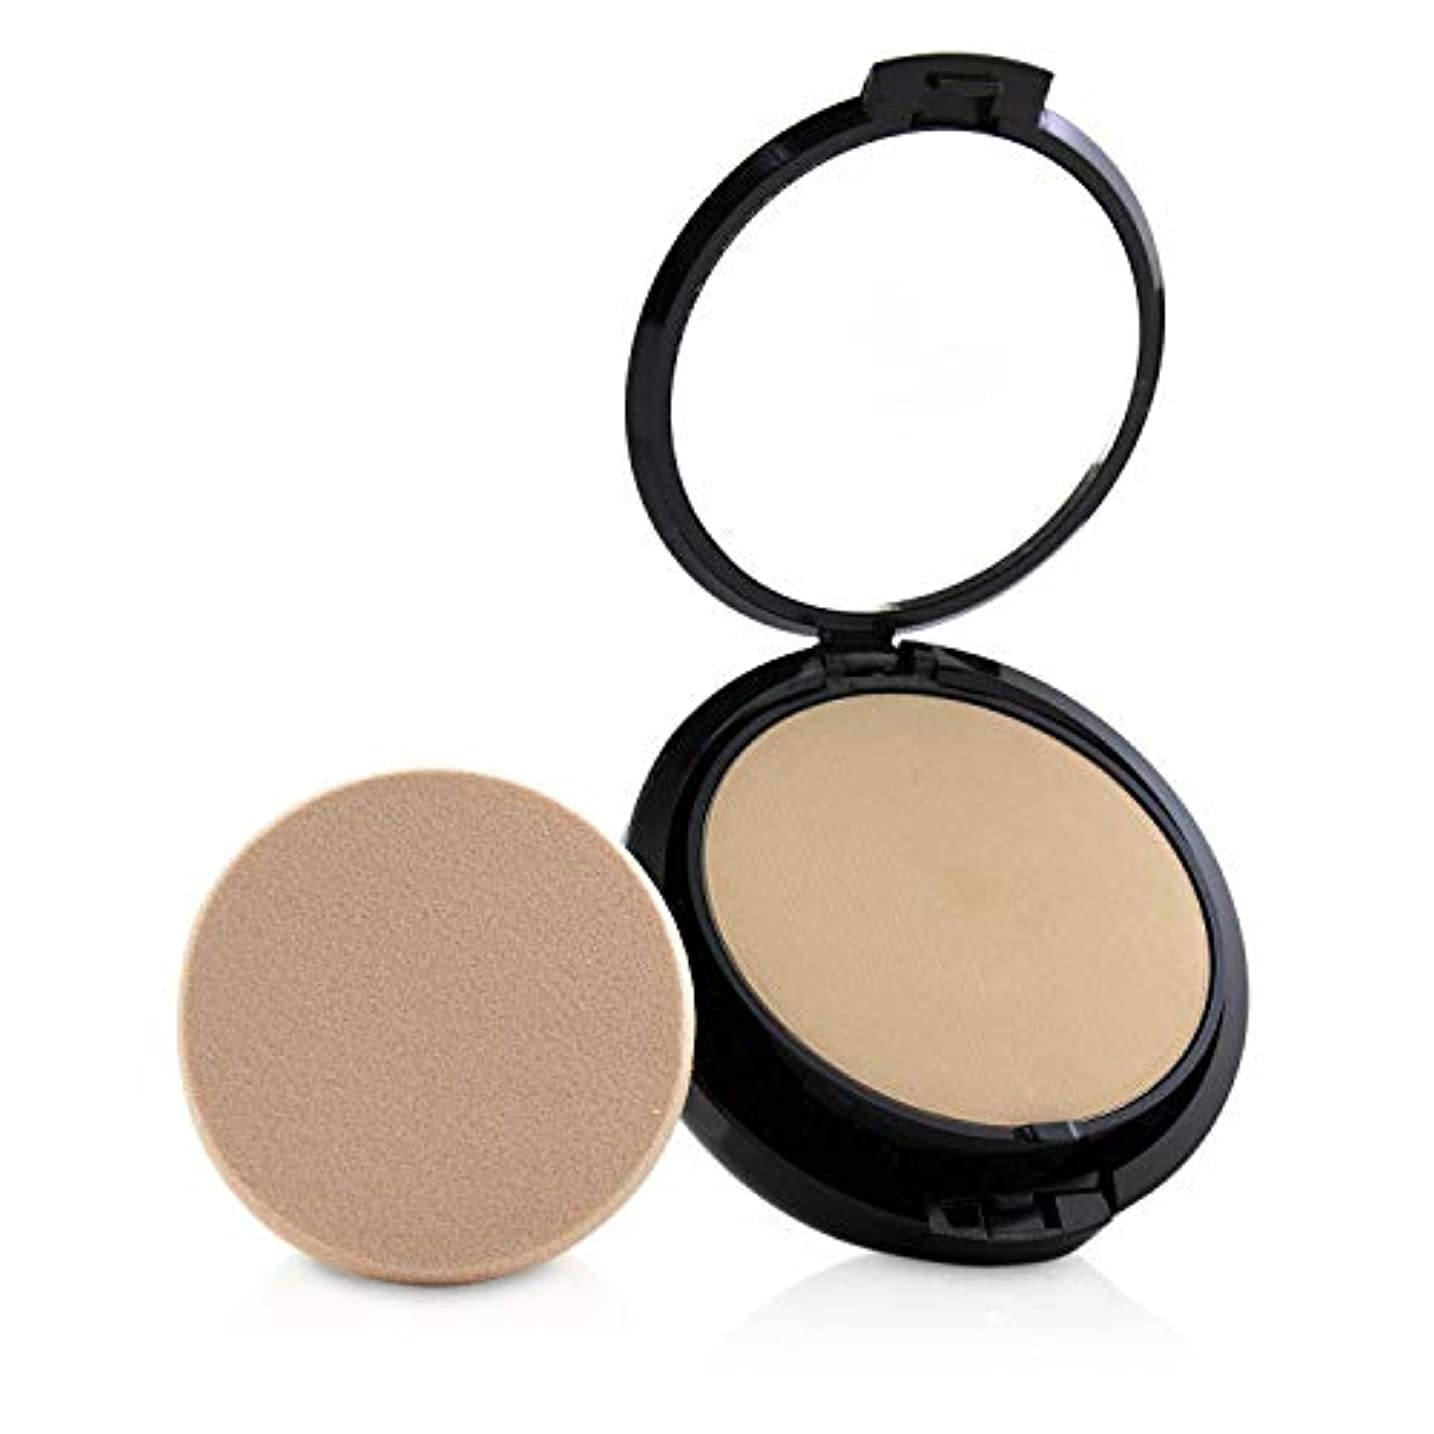 ブラザーサーカスお願いしますSCOUT Cosmetics Pressed Mineral Powder Foundation SPF 15 - # Shell 15g/0.53oz並行輸入品